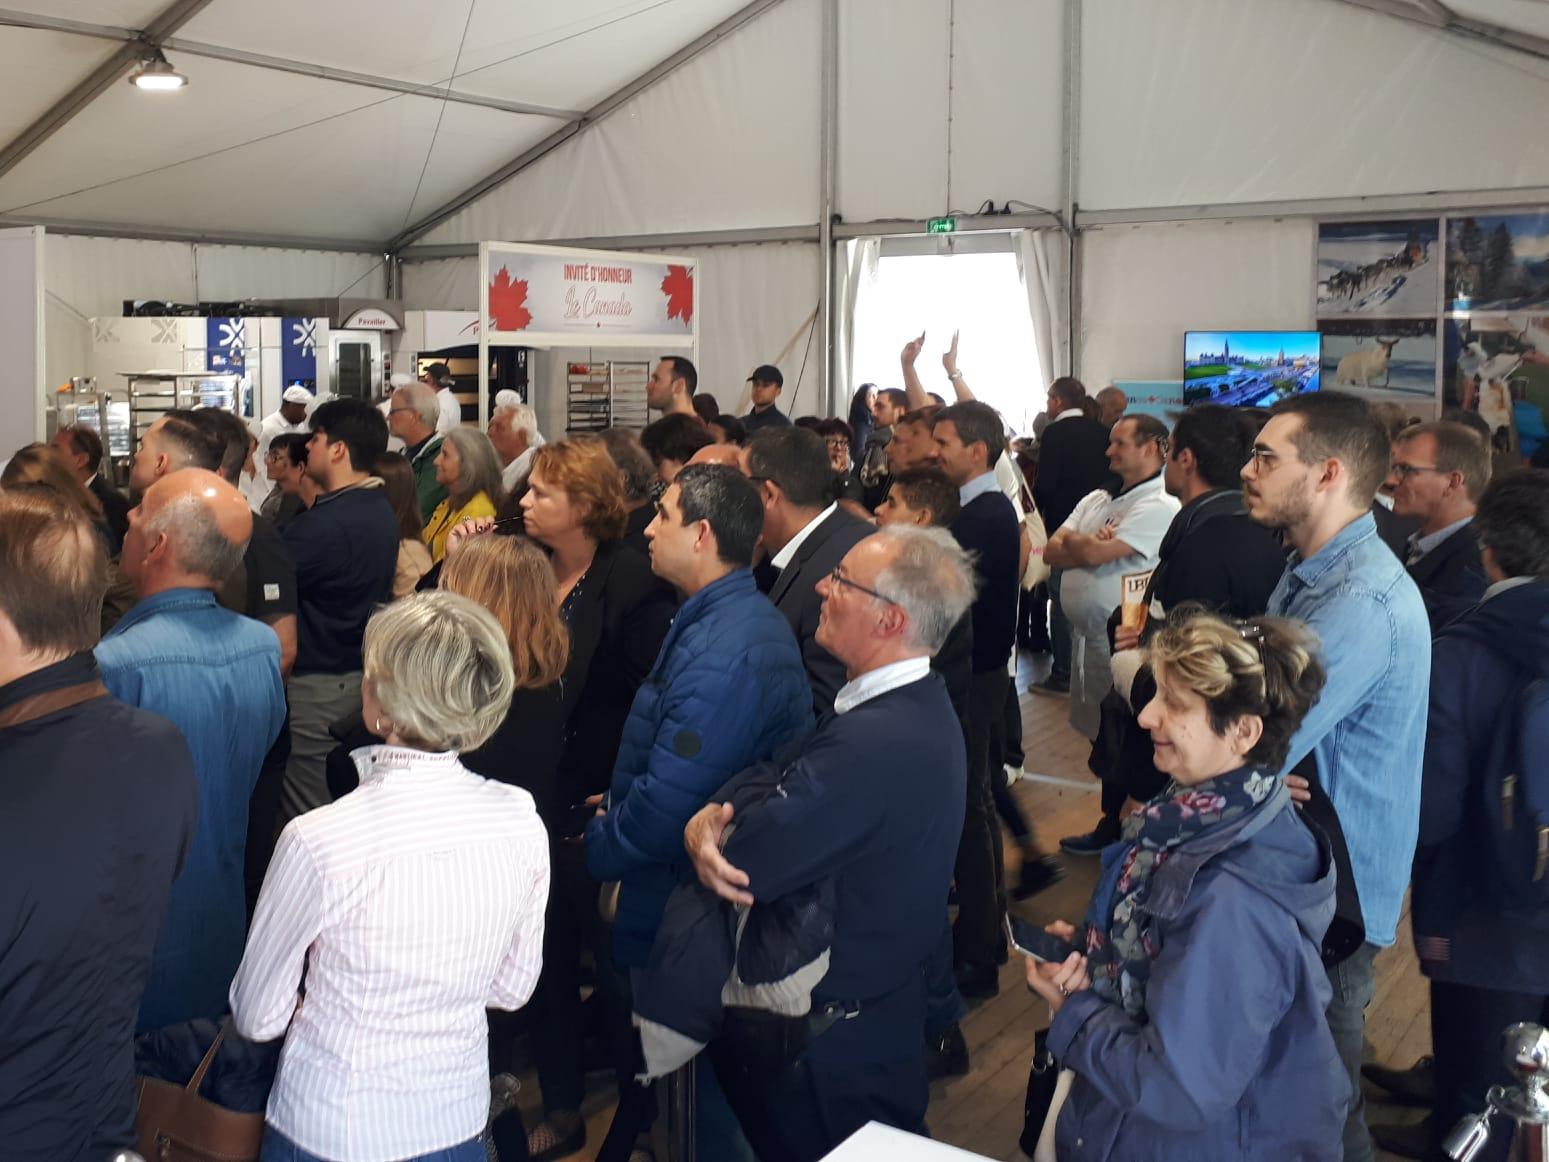 Beaucoup de monde sous la tente oû se trouve le kiosque des étudiants de La Cité.